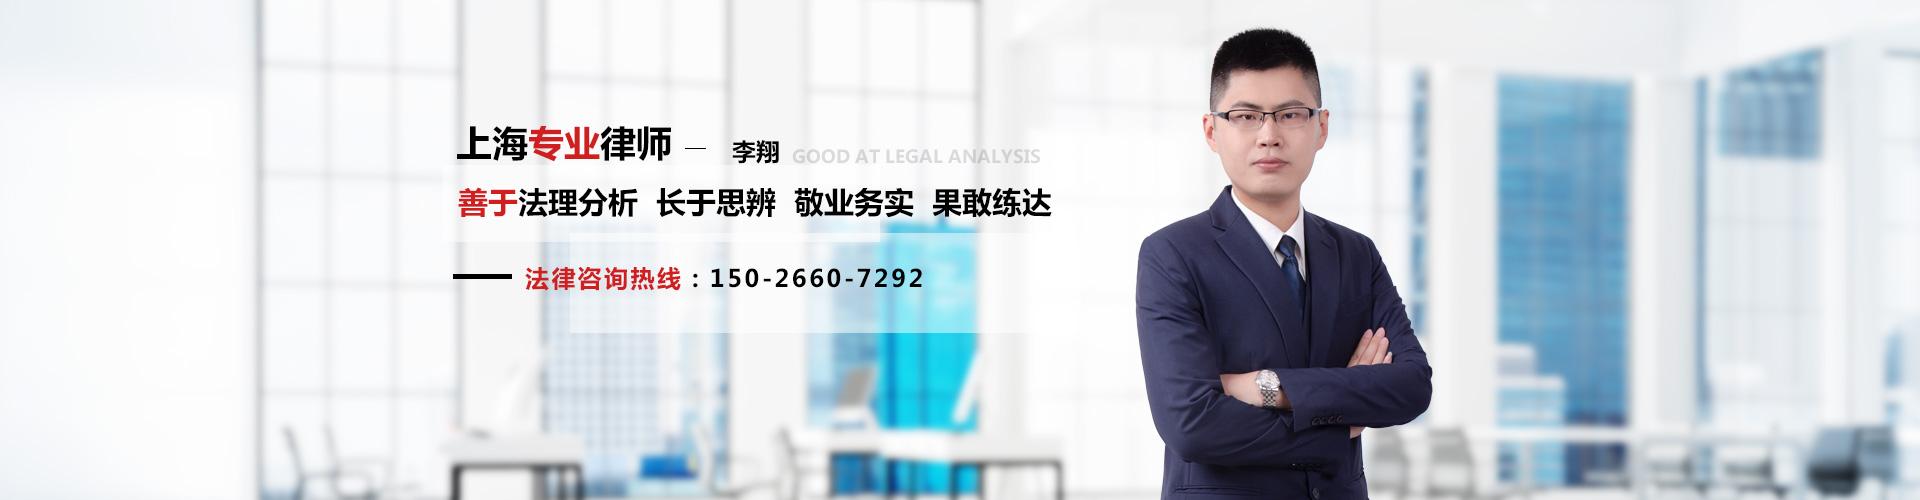 上海李翔律师